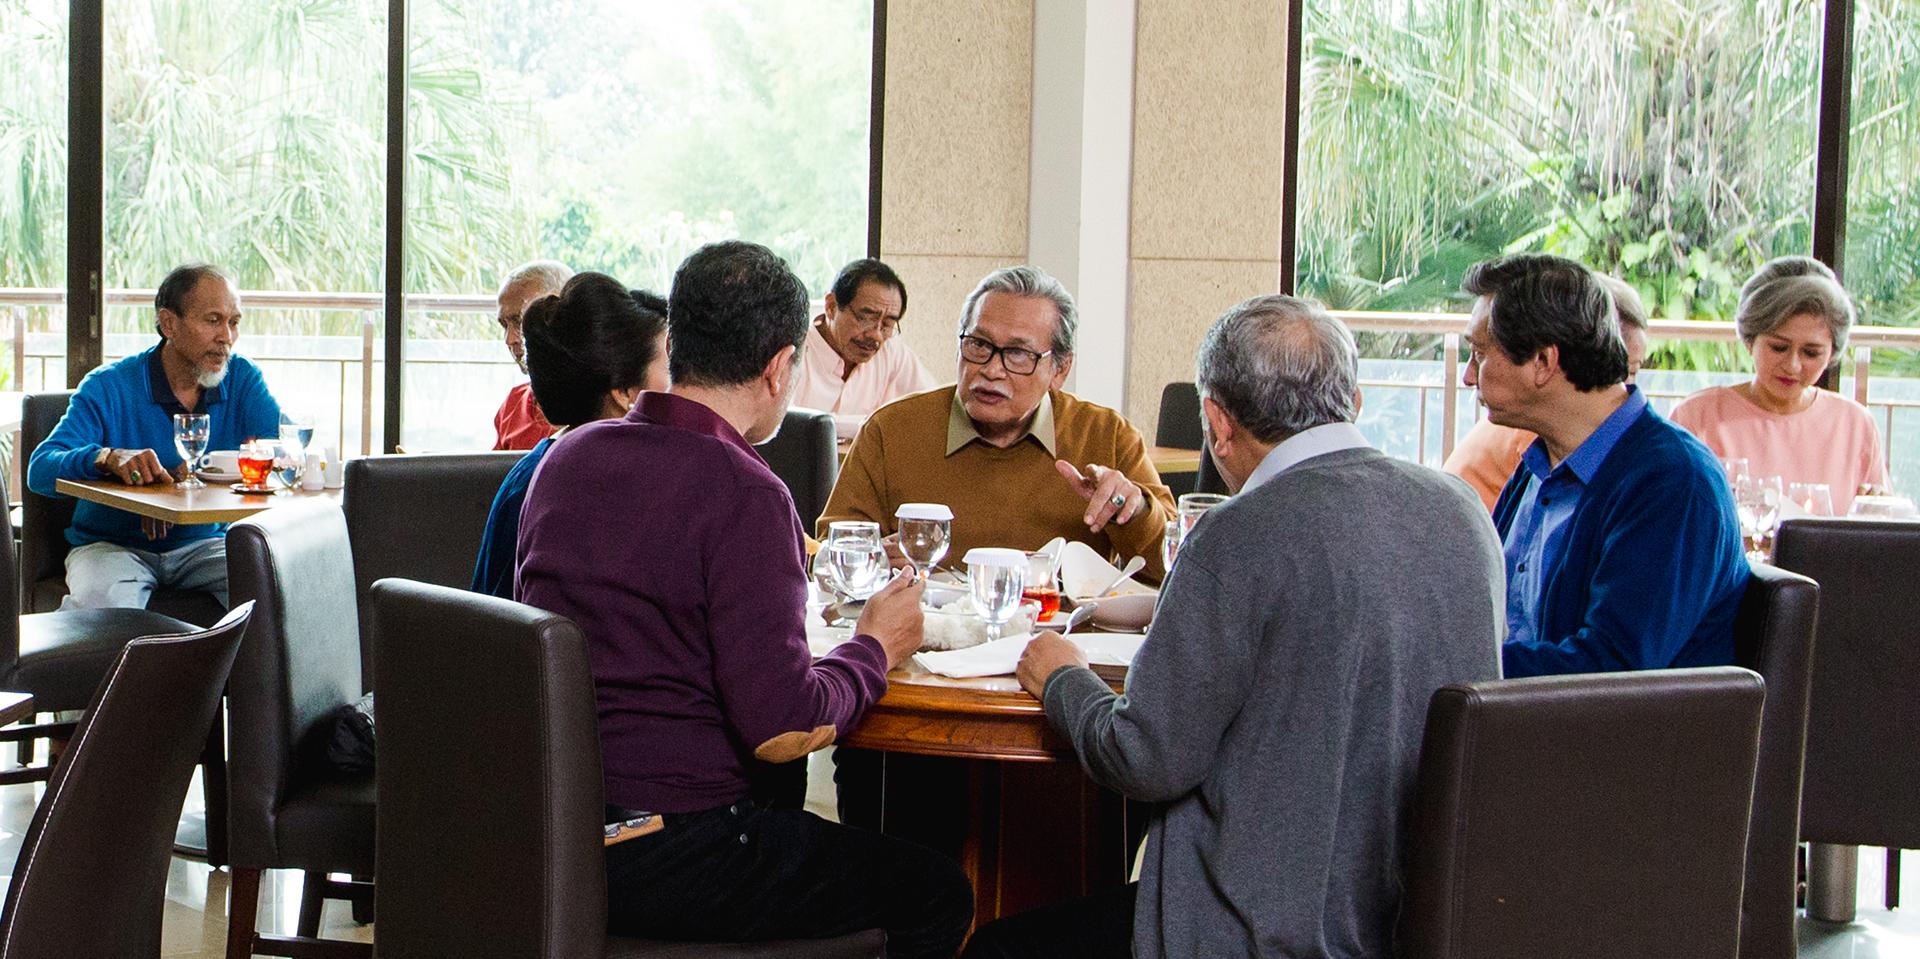 RUKUN Senior Living memberikan kenyamanan untuk kehidupan sebagai Hunian terbaik untuk Senior